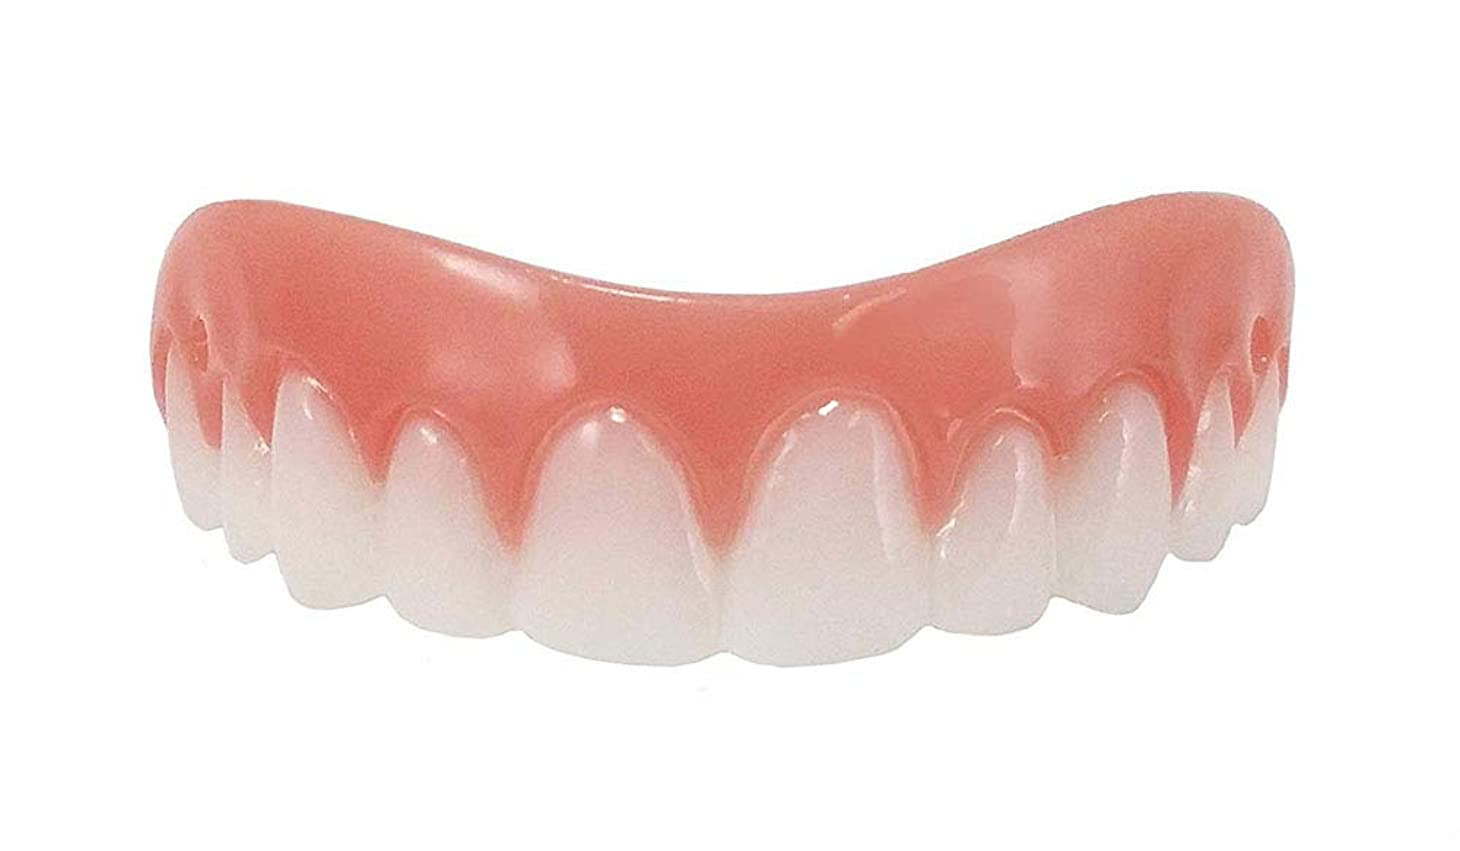 コメンテーターすごいけん引上下の列を白くする歯セットシリコーンシミュレーション歯ブレースホワイトニング歯のステッカー笑顔歯のステッカー義歯,6pcs,Upperteeth